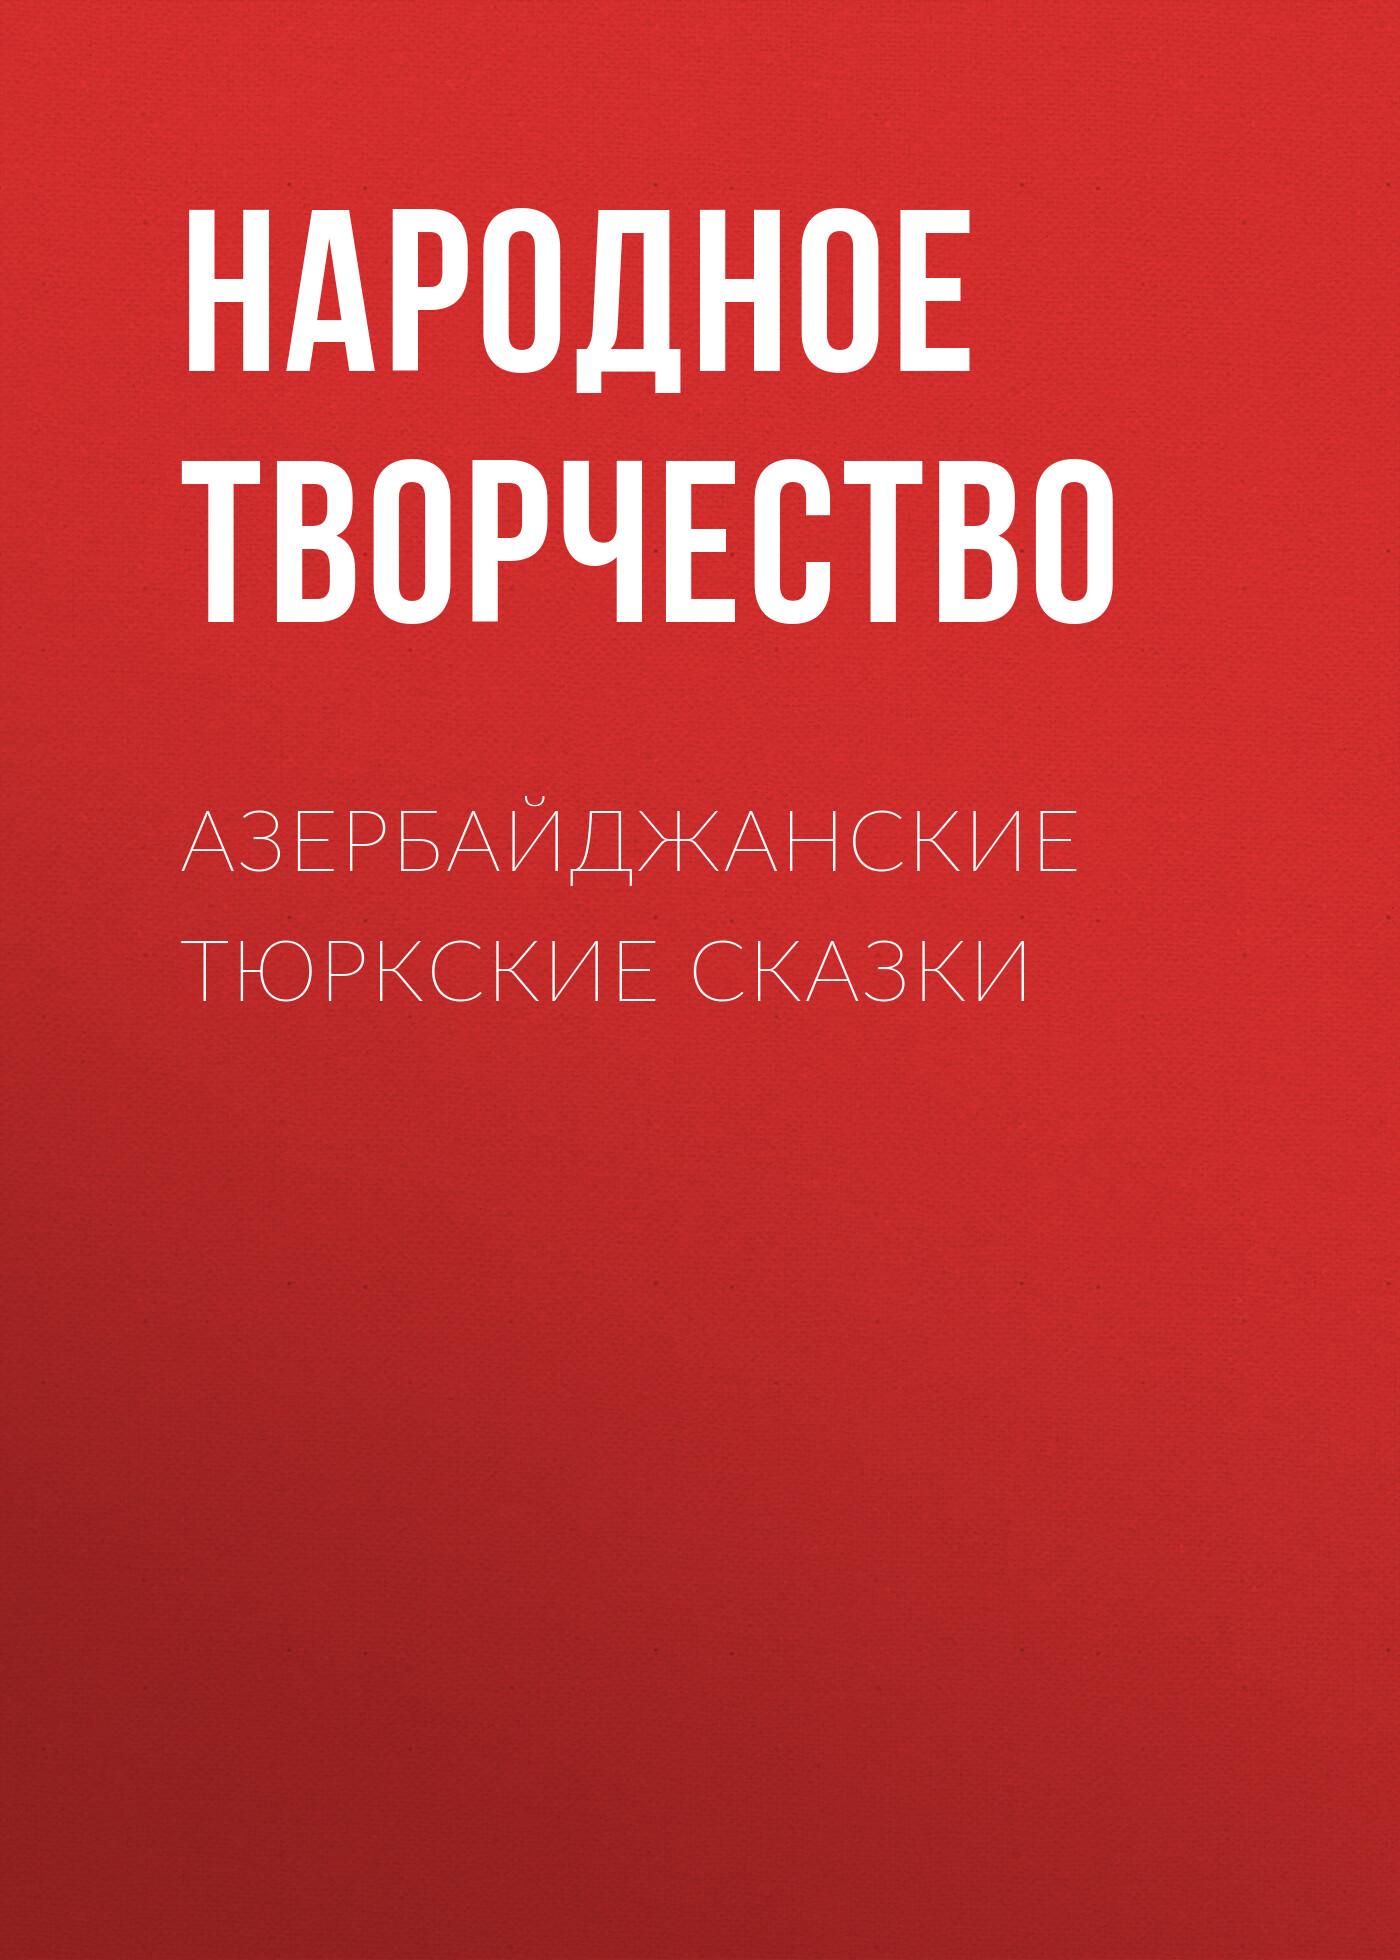 Народное творчество Азербайджанские тюркские сказки народное творчество золотая книга сказок голландские сказки